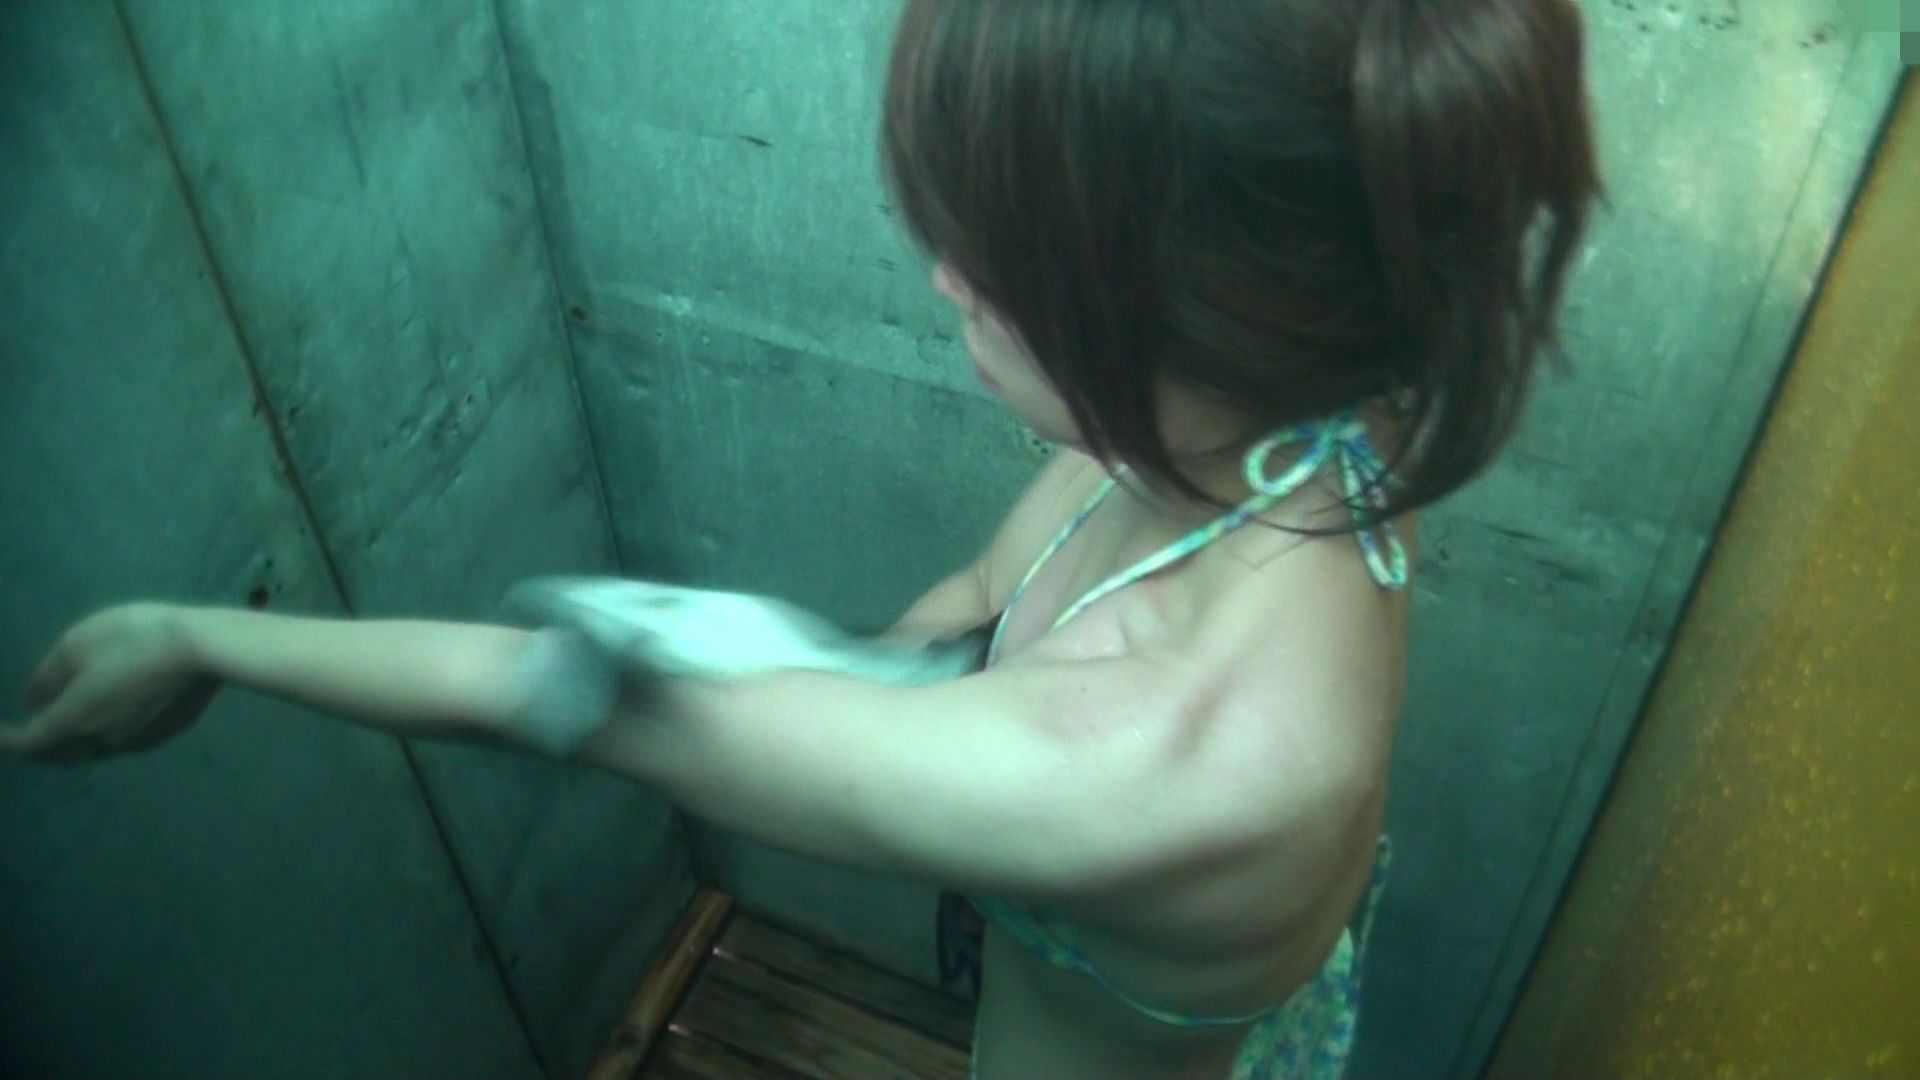 シャワールームは超!!危険な香りVol.15 残念ですが乳首未確認 マンコの砂は入念に 乳首 エロ無料画像 106画像 13